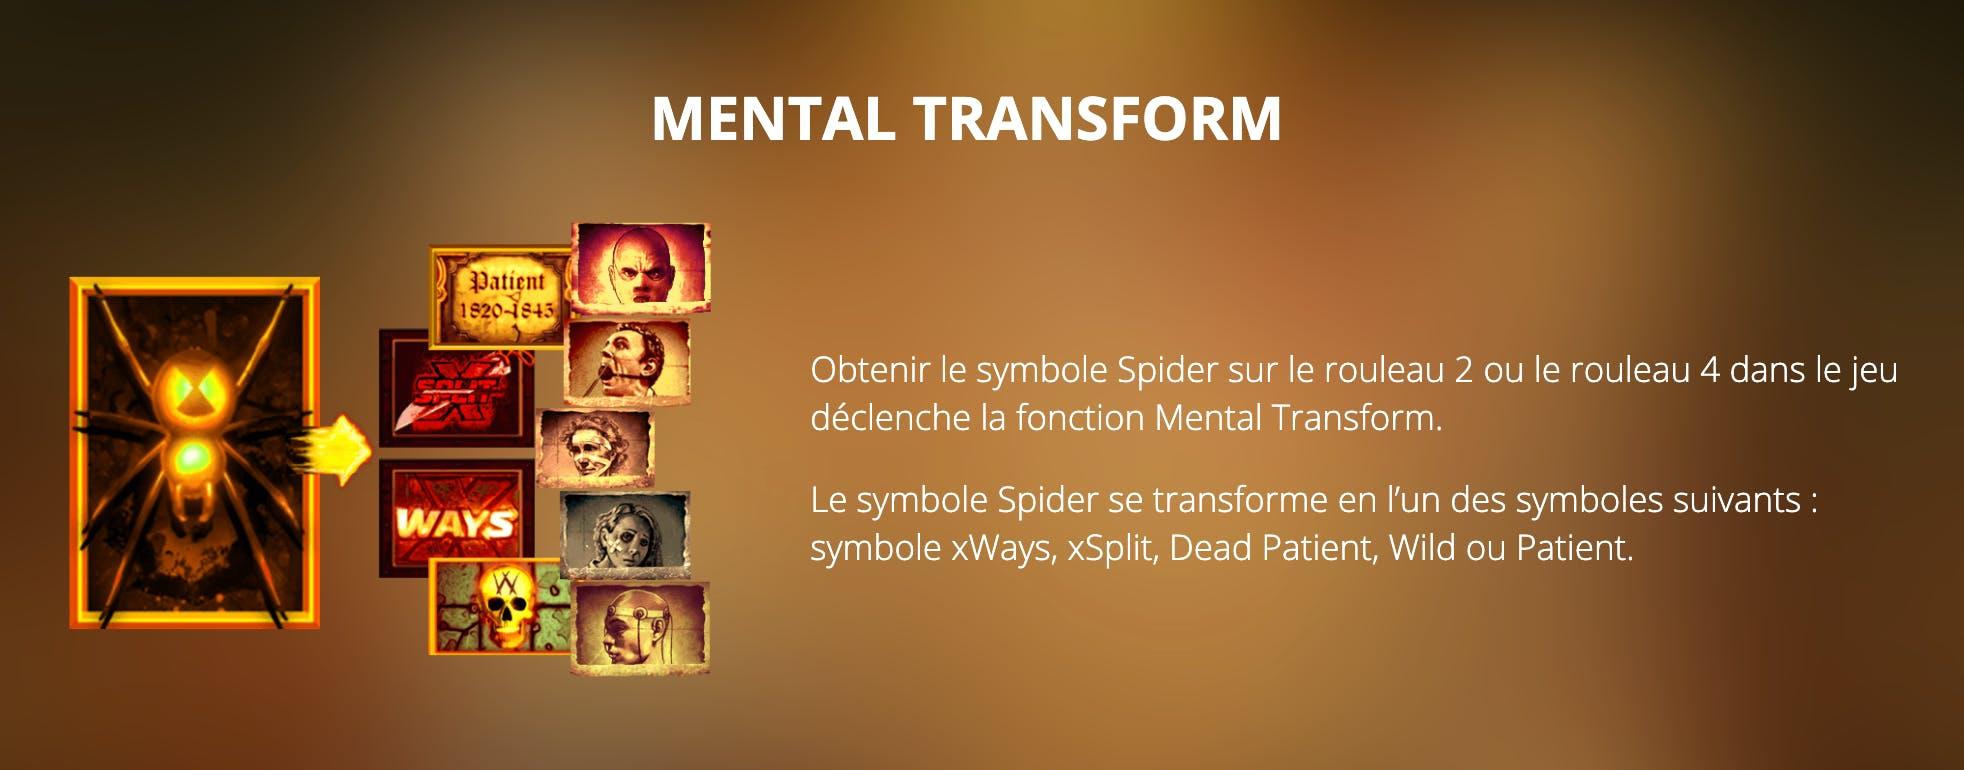 Mental transform